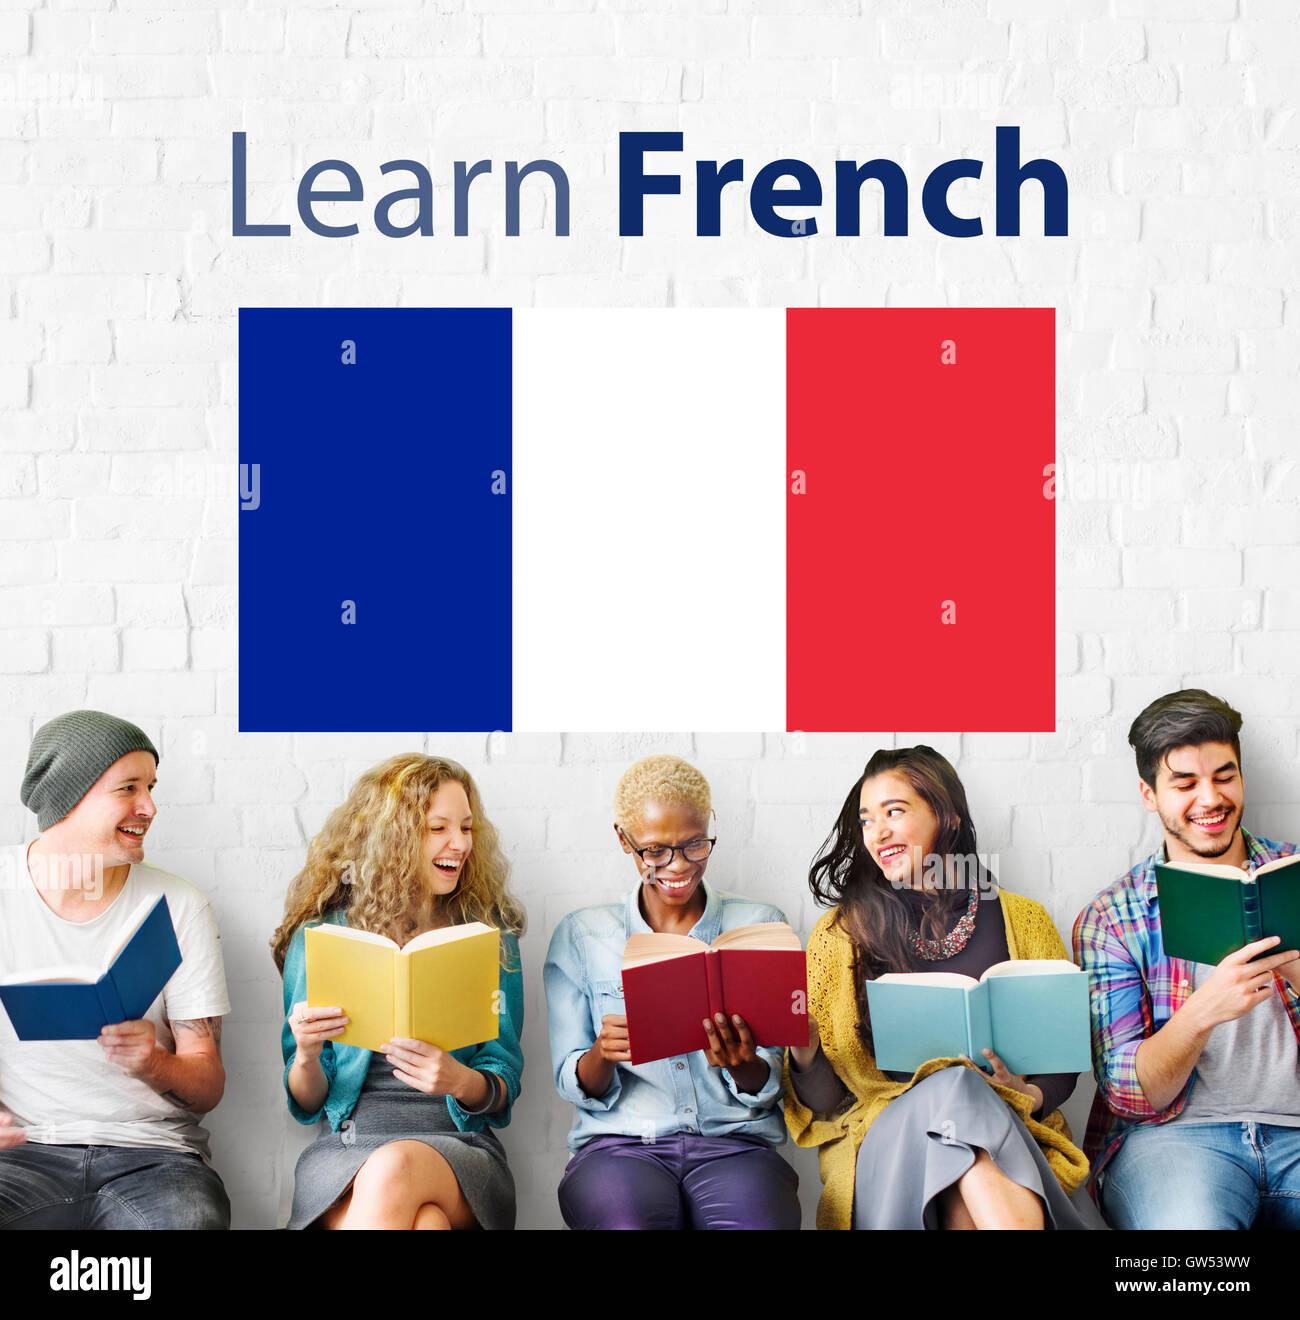 Работа французский язык удаленная вакансии удаленная работа с китаем